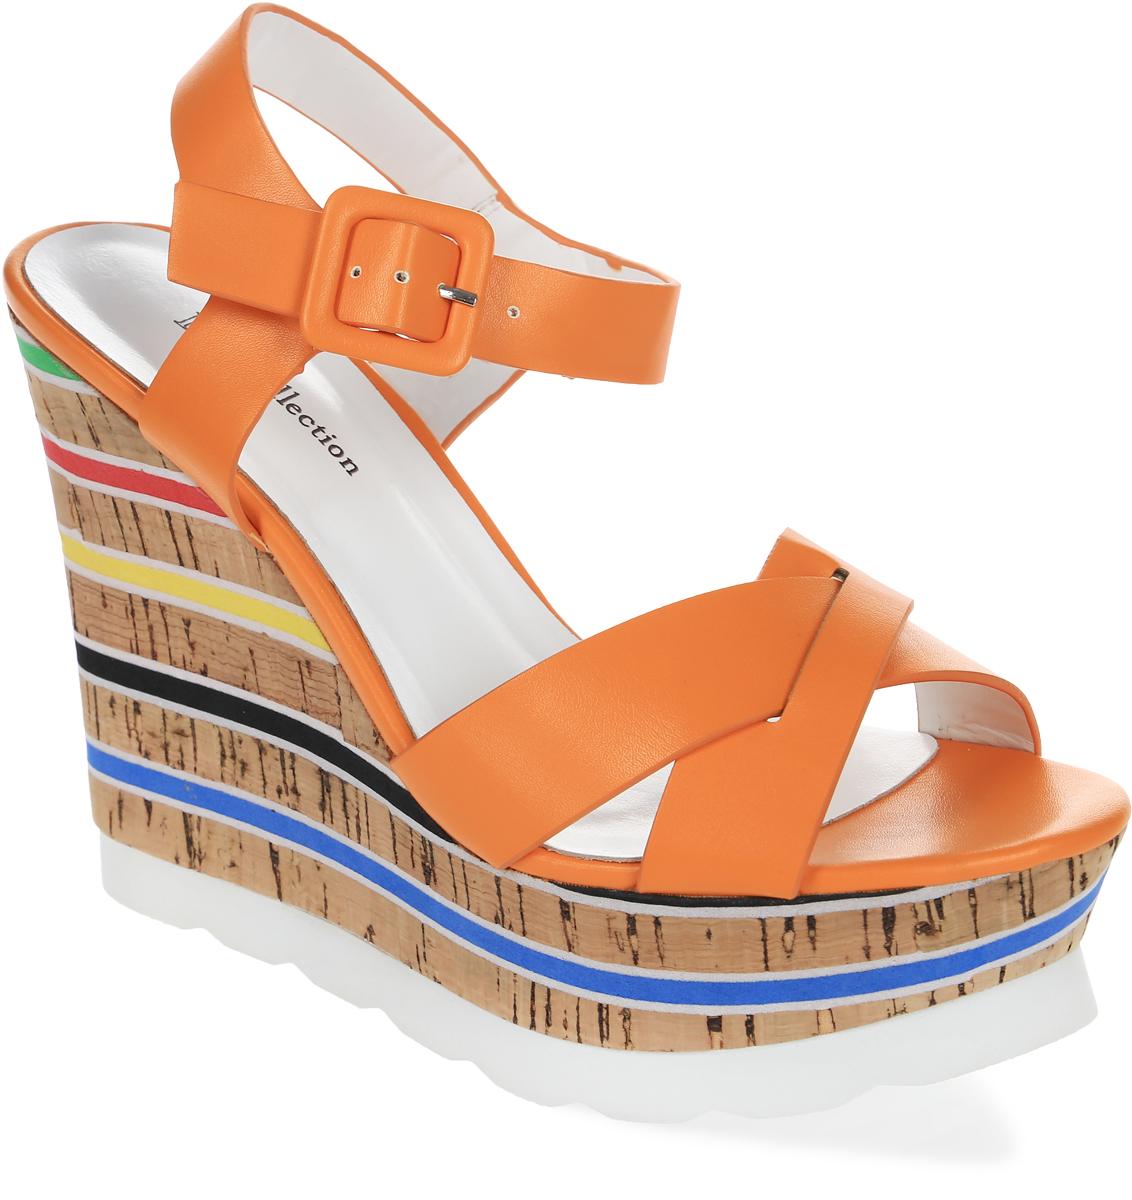 Босоножки женские LK Collection, цвет: оранжевый. H21-A355-6 PU. Размер 39H21-A355-6 PUСтильные босоножки на танкетке выполнены из искусственной кожи. Модель дополнена стелькой из натуральной кожи.